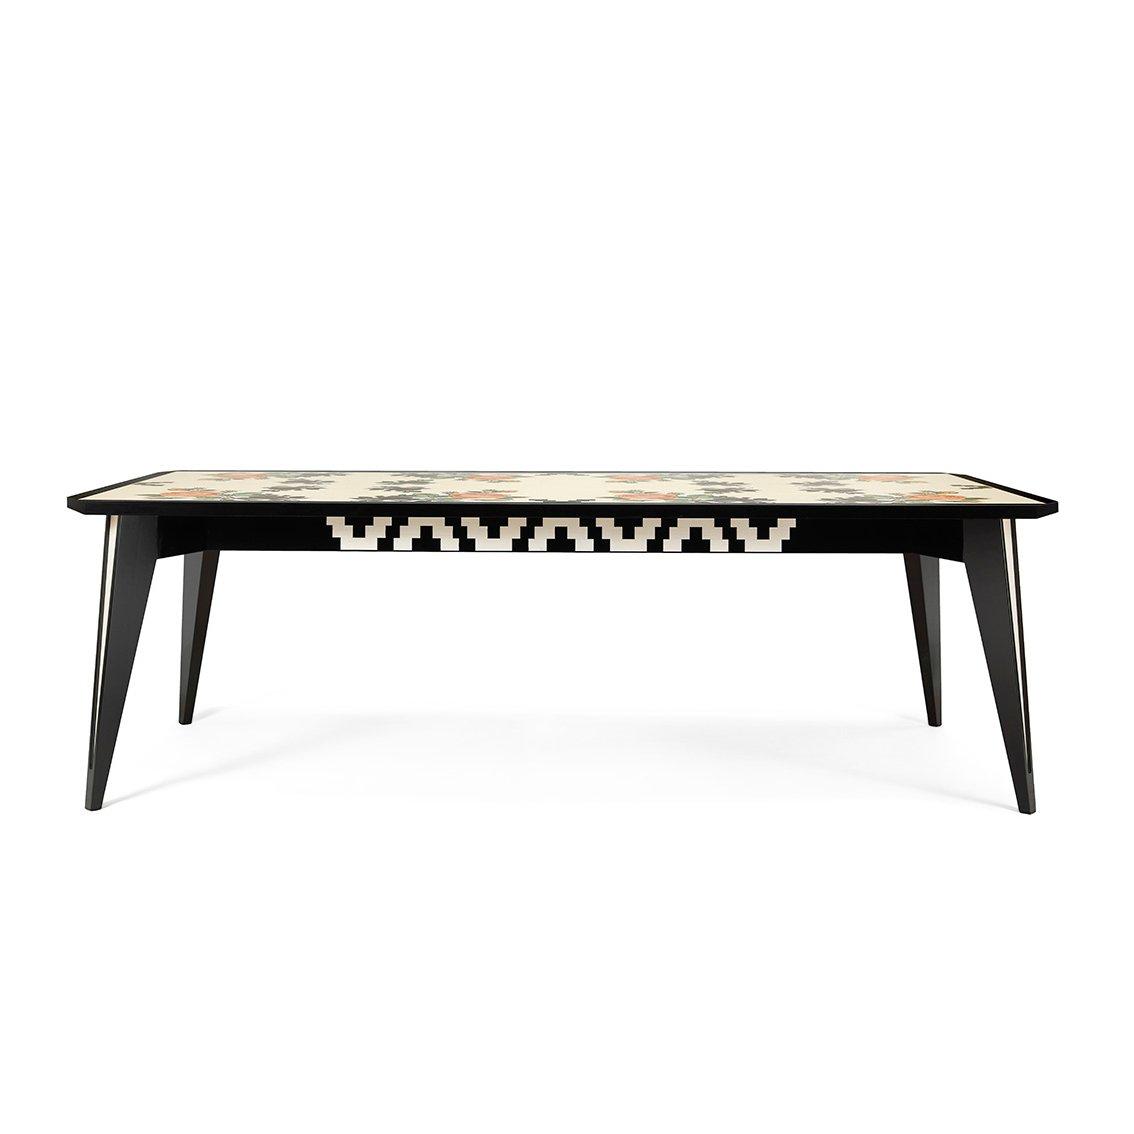 Xo 6-Sitzer Tisch von ESTEMPORANEO